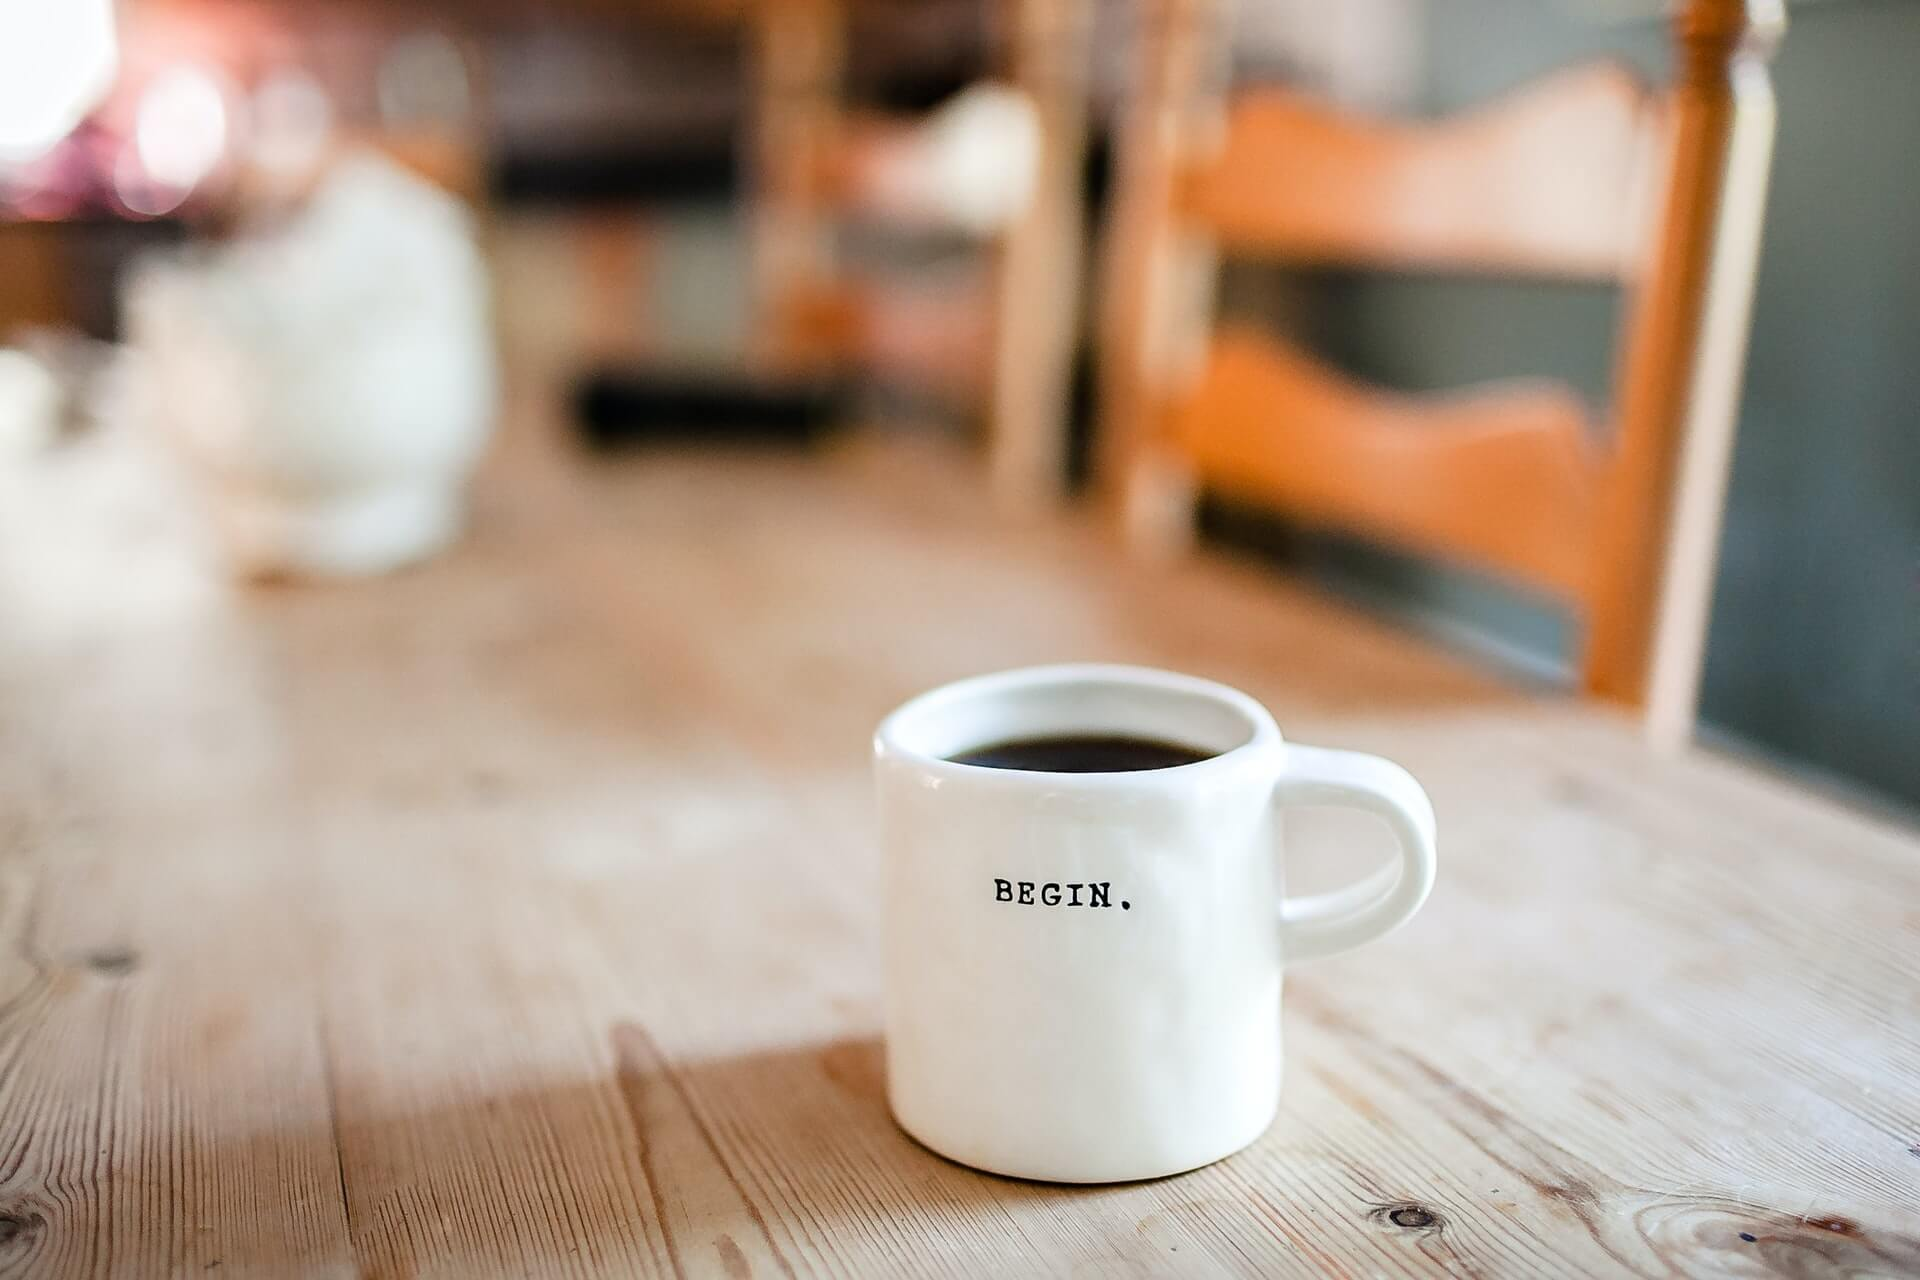 """Tasse avec message """"Begin"""" sur une table -Photo by Danielle MacInnes on Unsplash"""